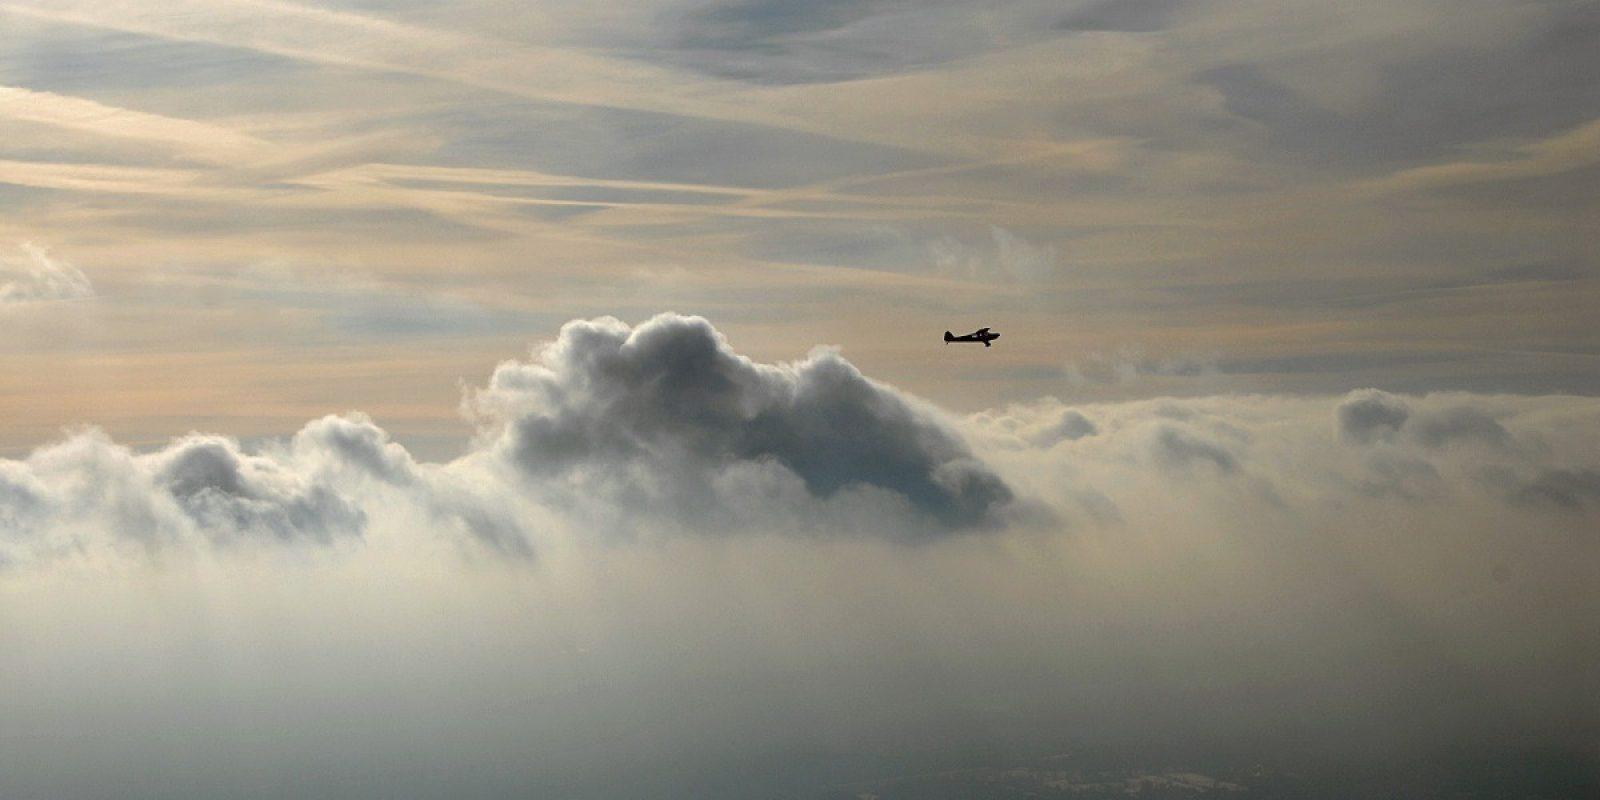 Je bent nooit alleen in de lucht... (Foto Paul Hopff)